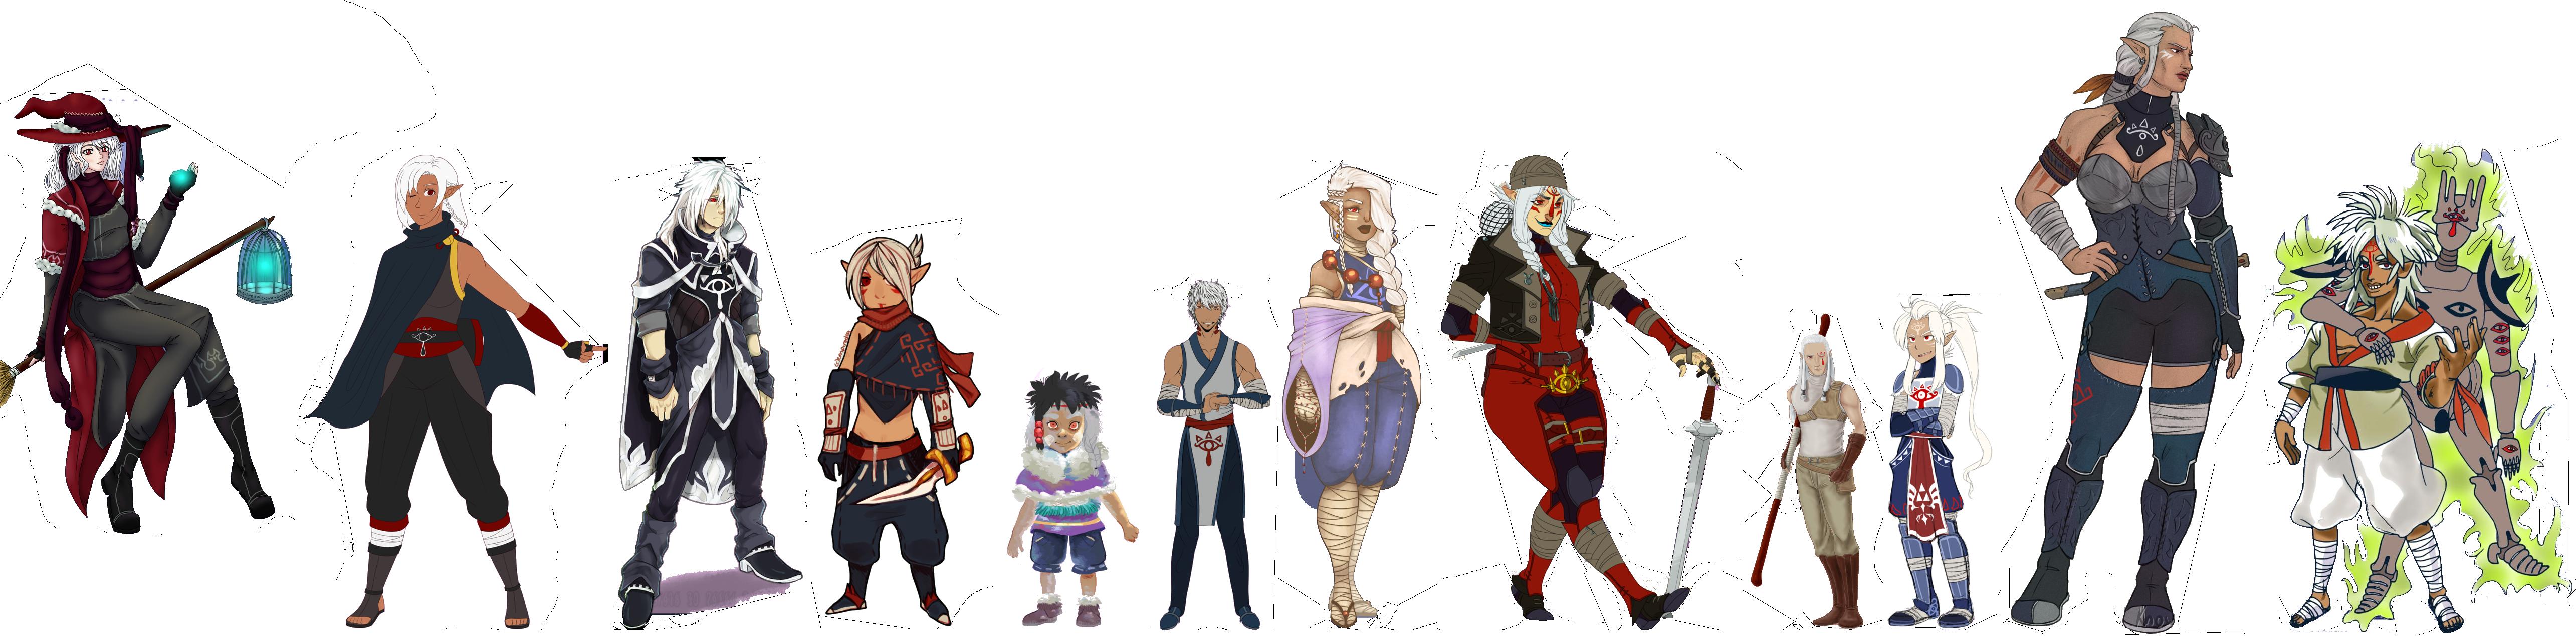 [CampagneS parallèles] Zelda LotR - 3*5 places LINEUPunscaledSHEIKAH